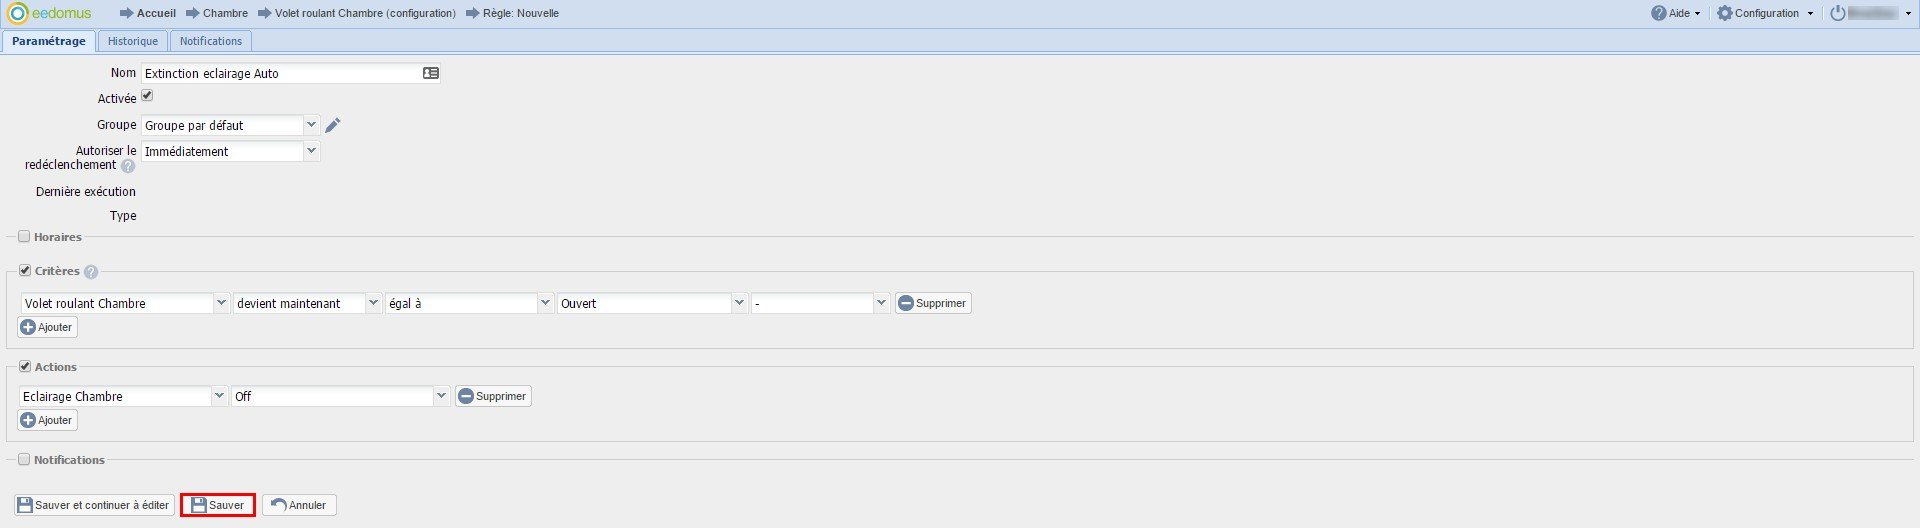 Ajoutez vos périphériques X2D à votre box Eedomus grâce au RFPlayer !